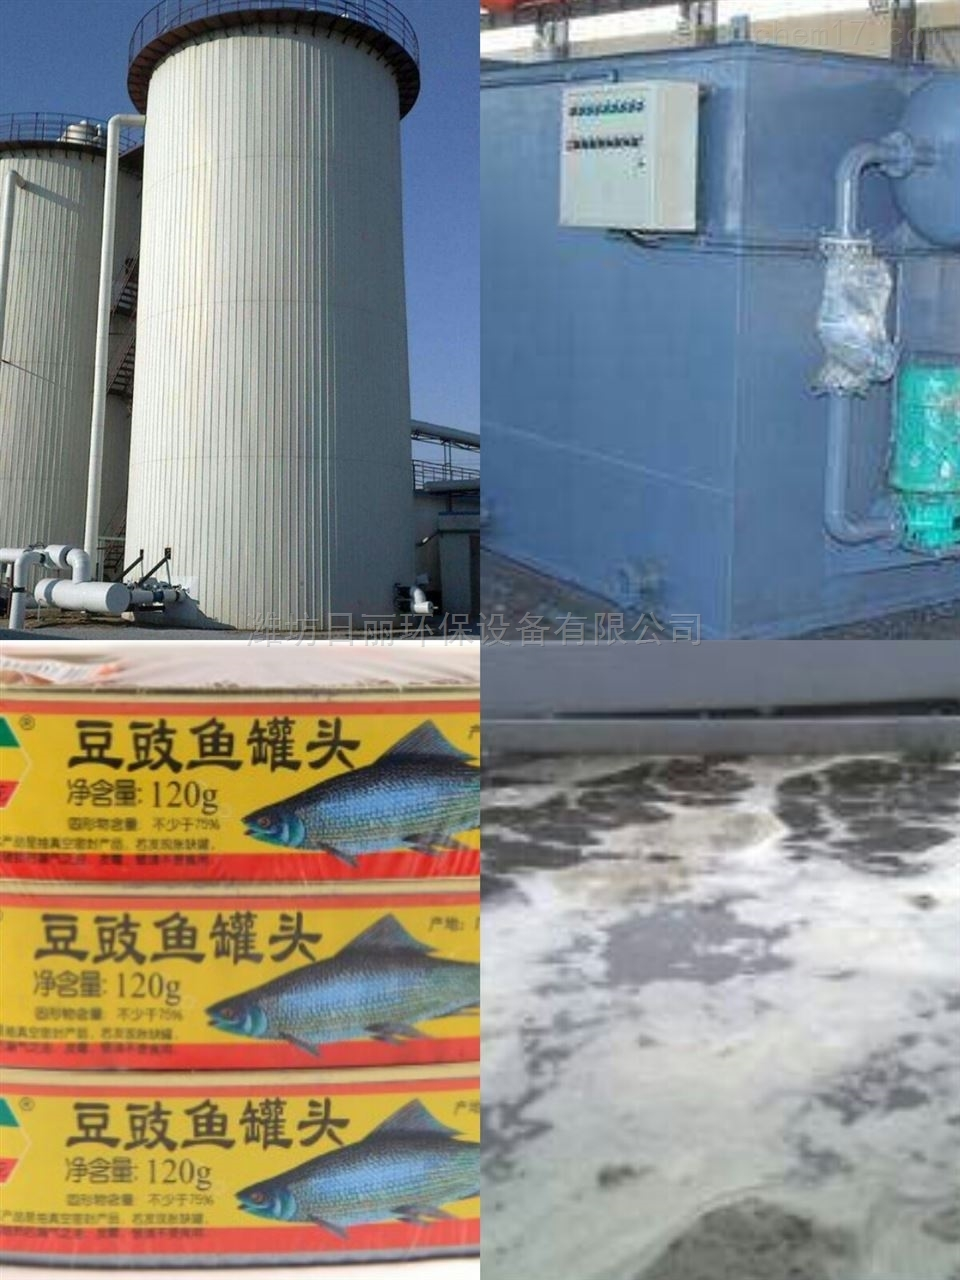 渤海圈海产食品厂RL-IC反应器污水处理设备